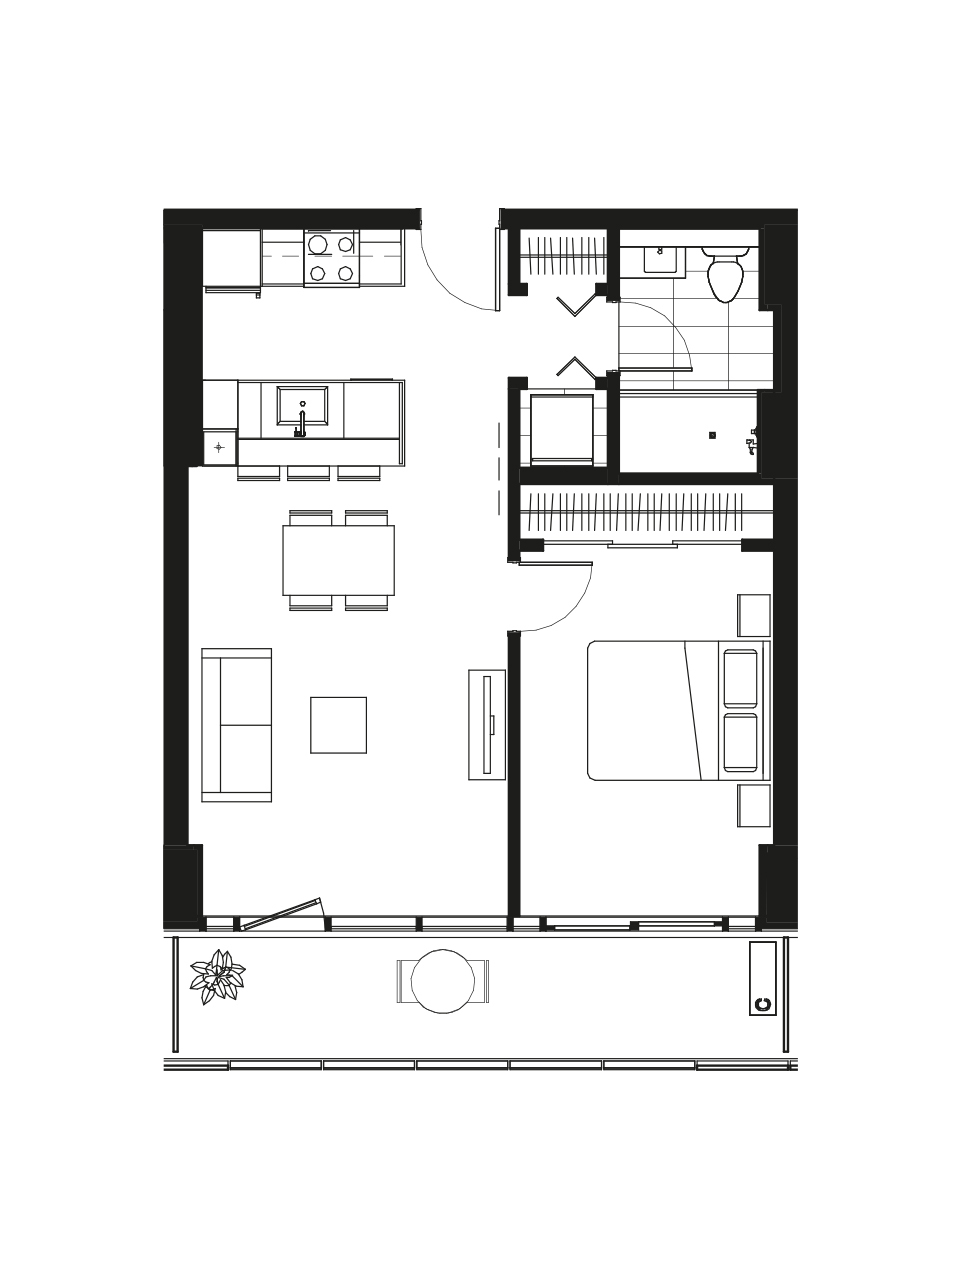 Plan condo modele A.2